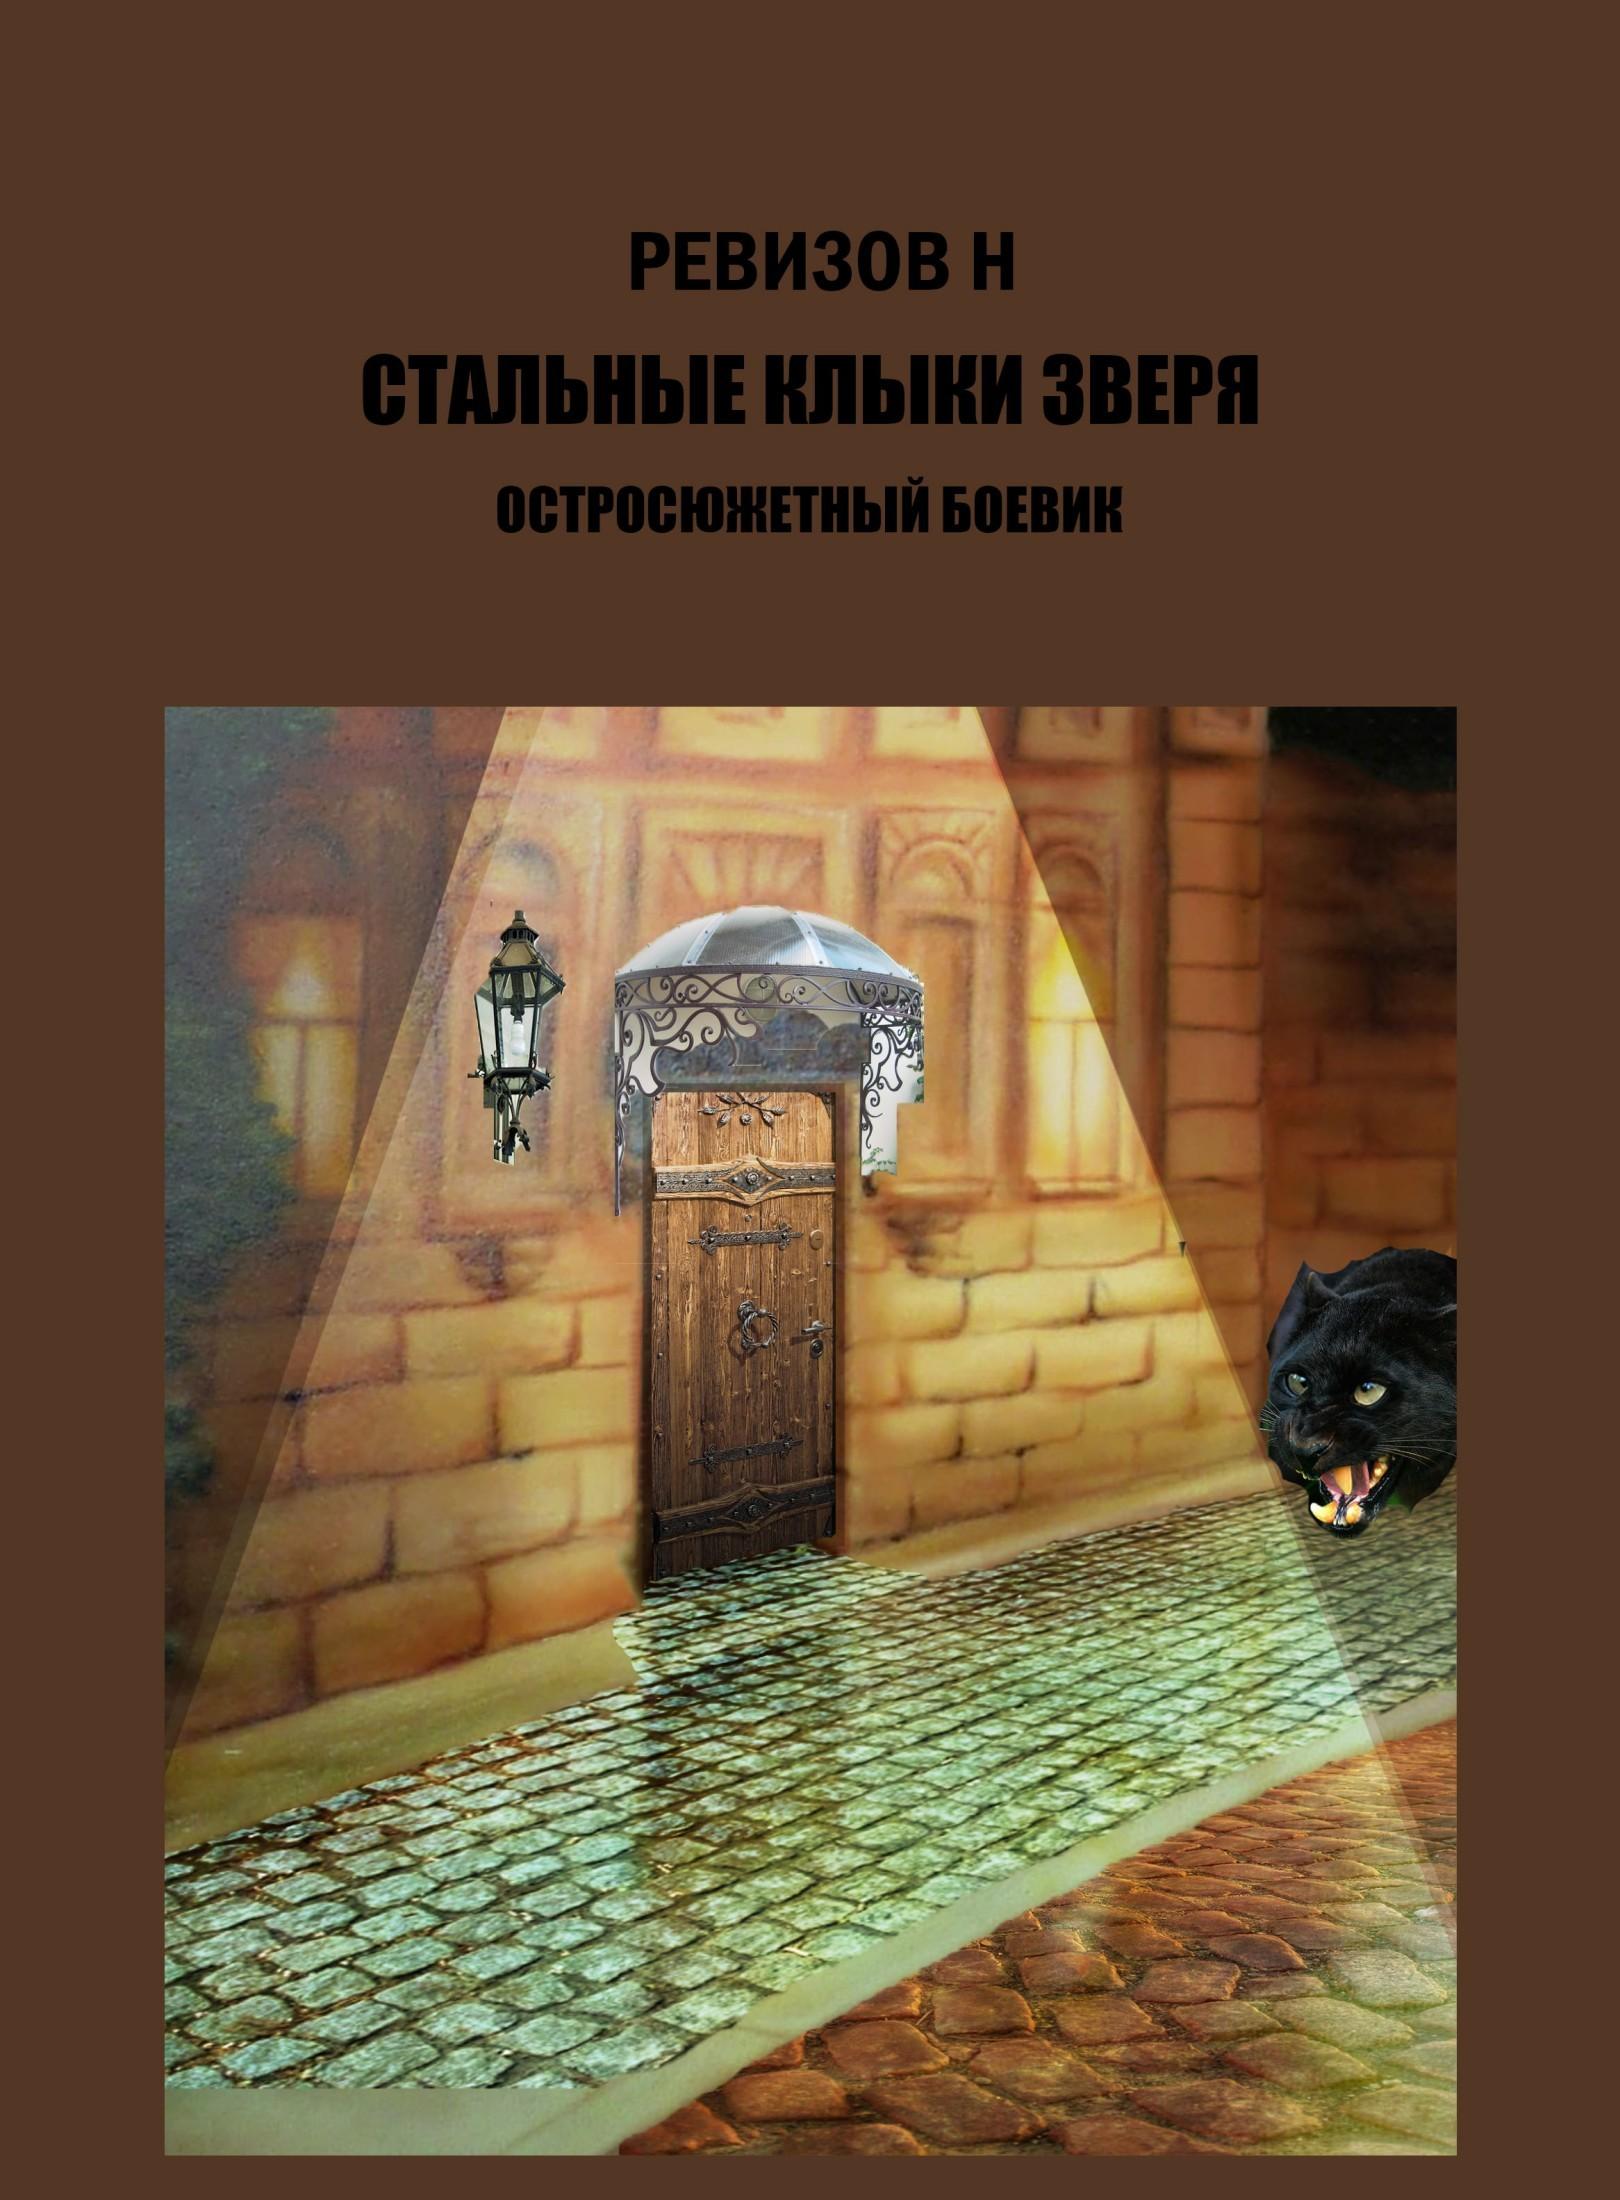 Николай Егорович Ревизов. Стальные клыки зверя